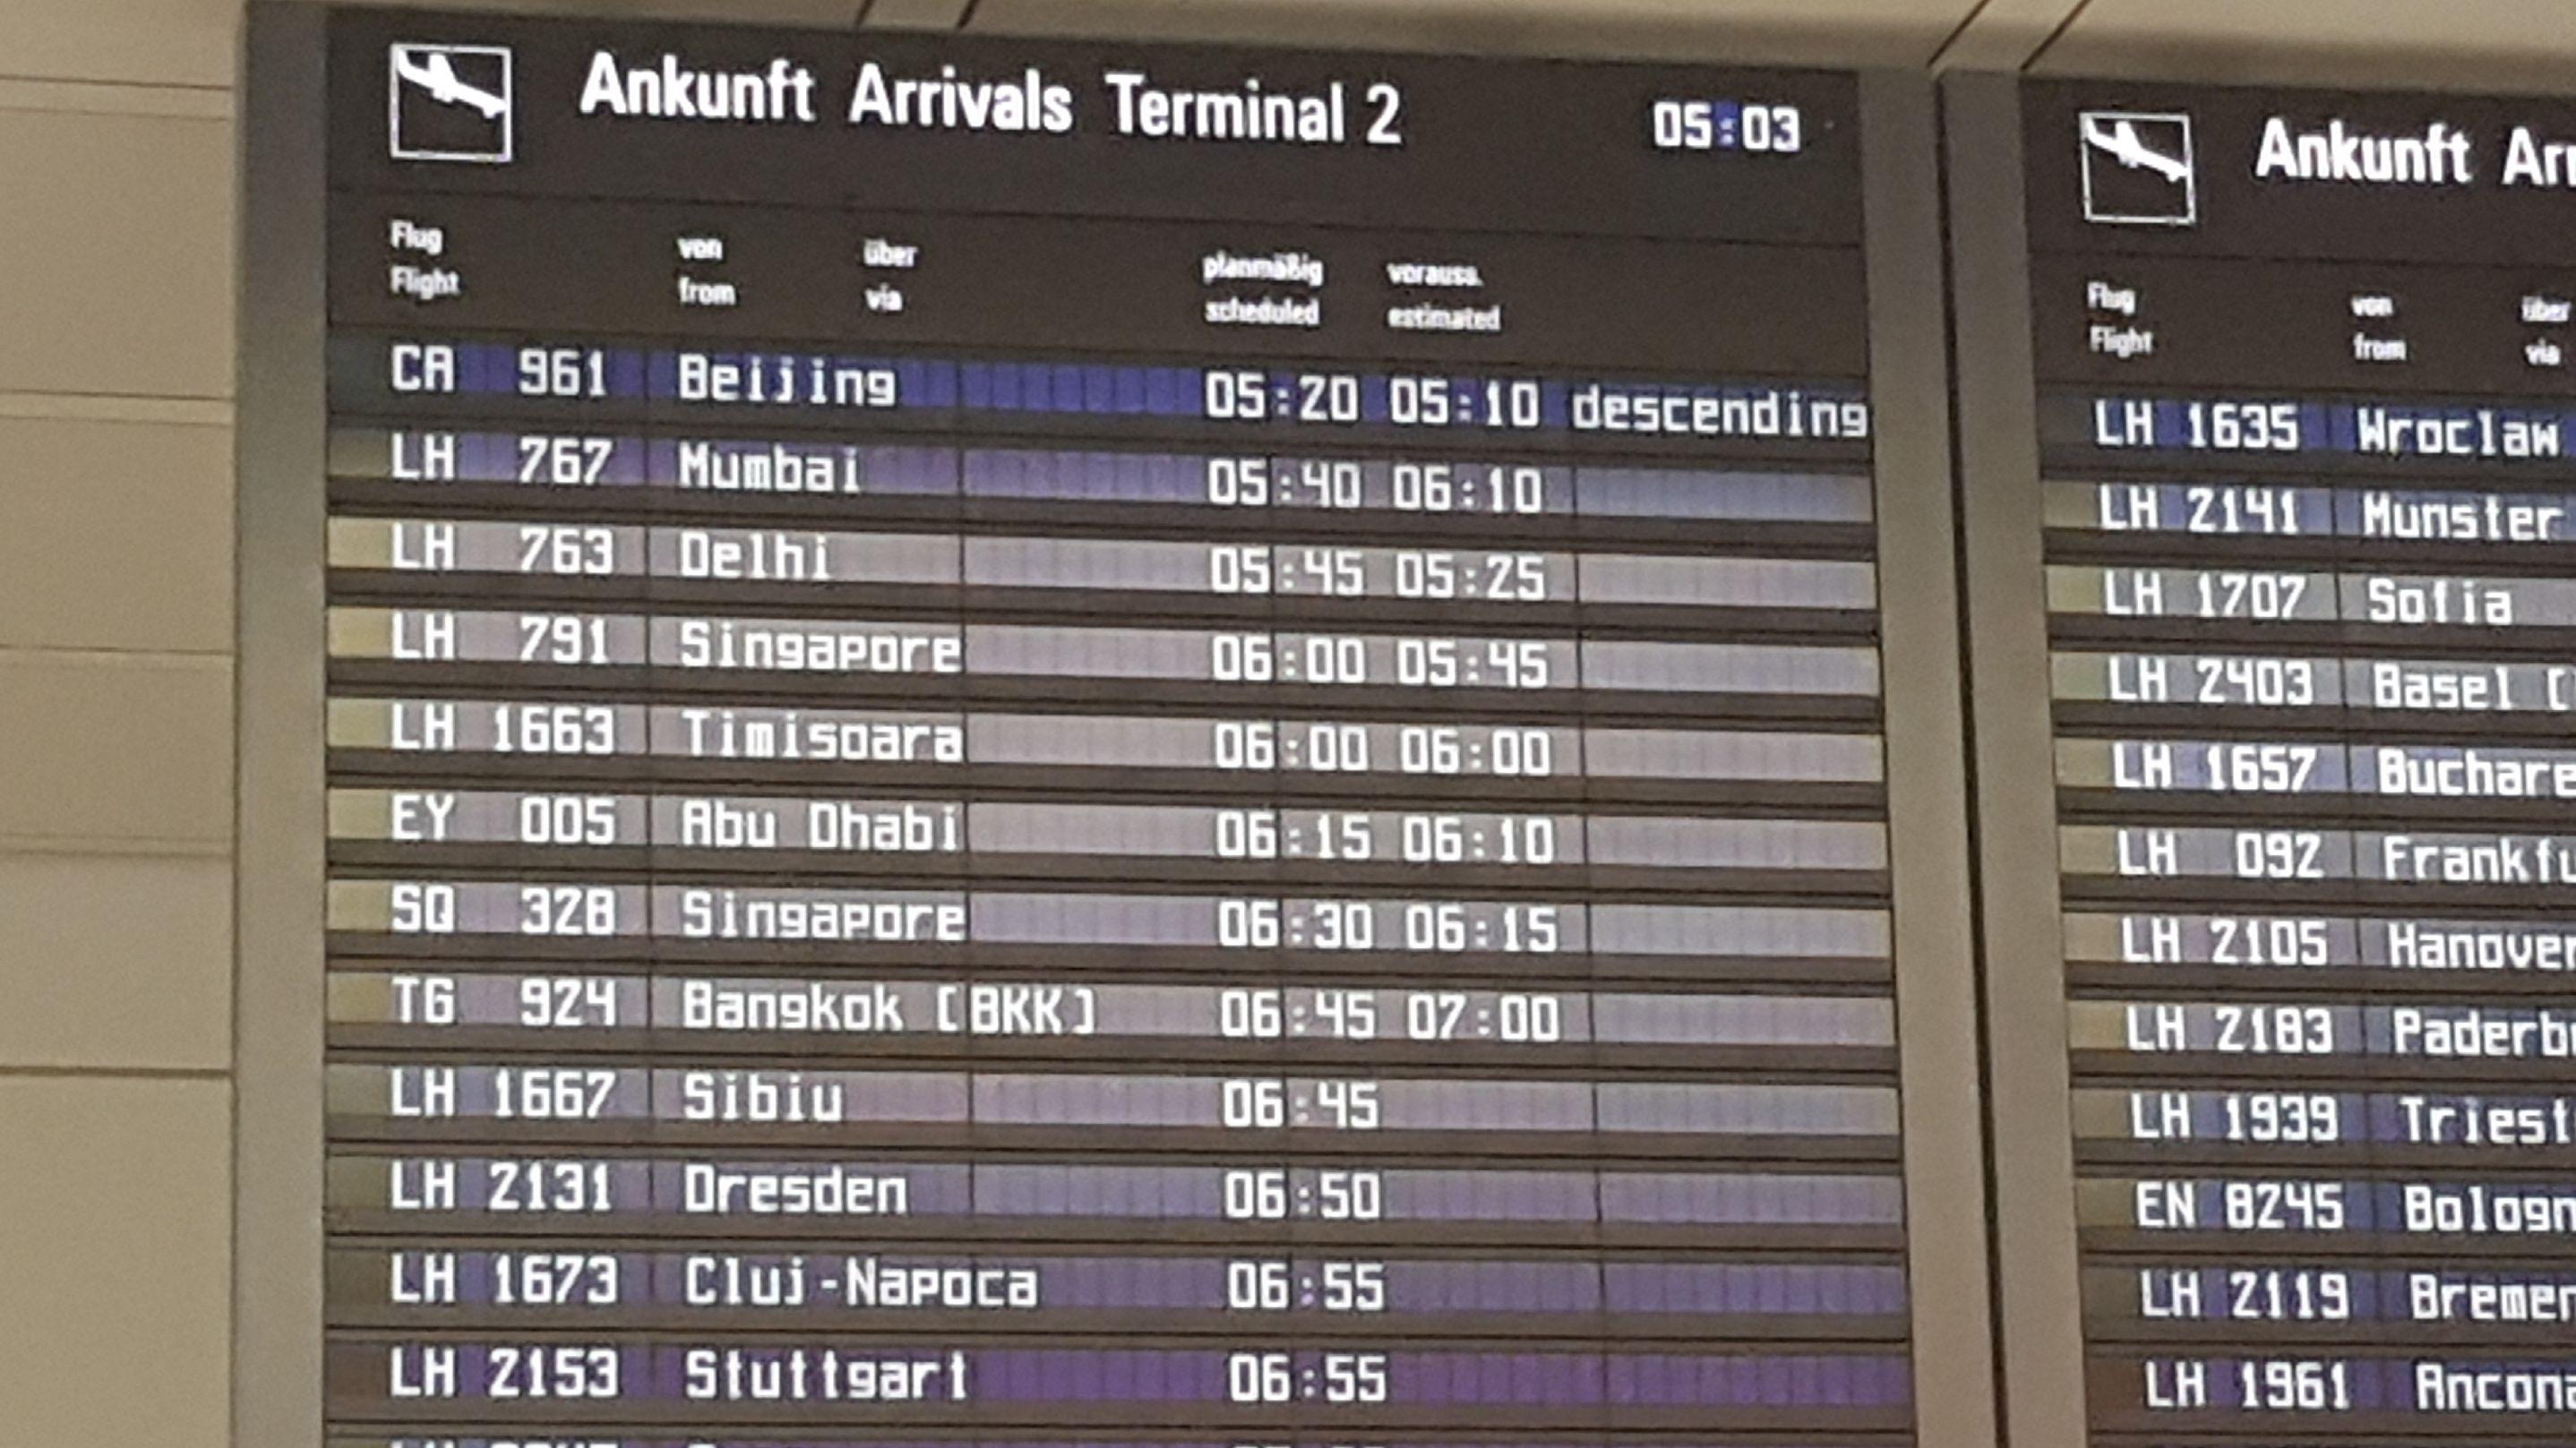 Flughafen München am 29.01.2020: Ankunft eines Flugzeugs aus Peking am Morgen um 5.20 Uhr.